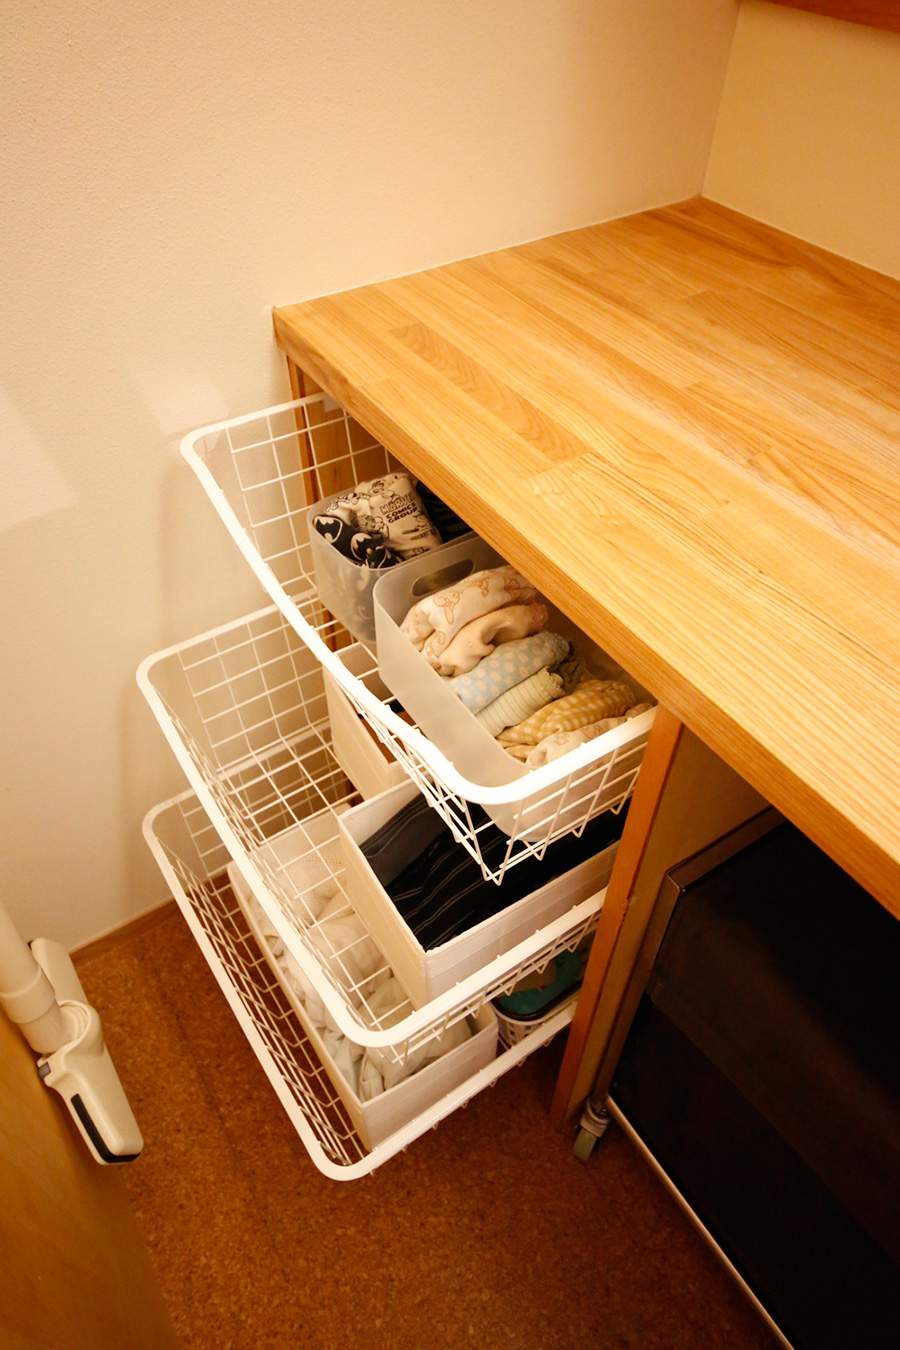 洗面所の中のデッドスペースには、引き出しのバスケットを使用。着替えなどバスまわりのものを収納している。